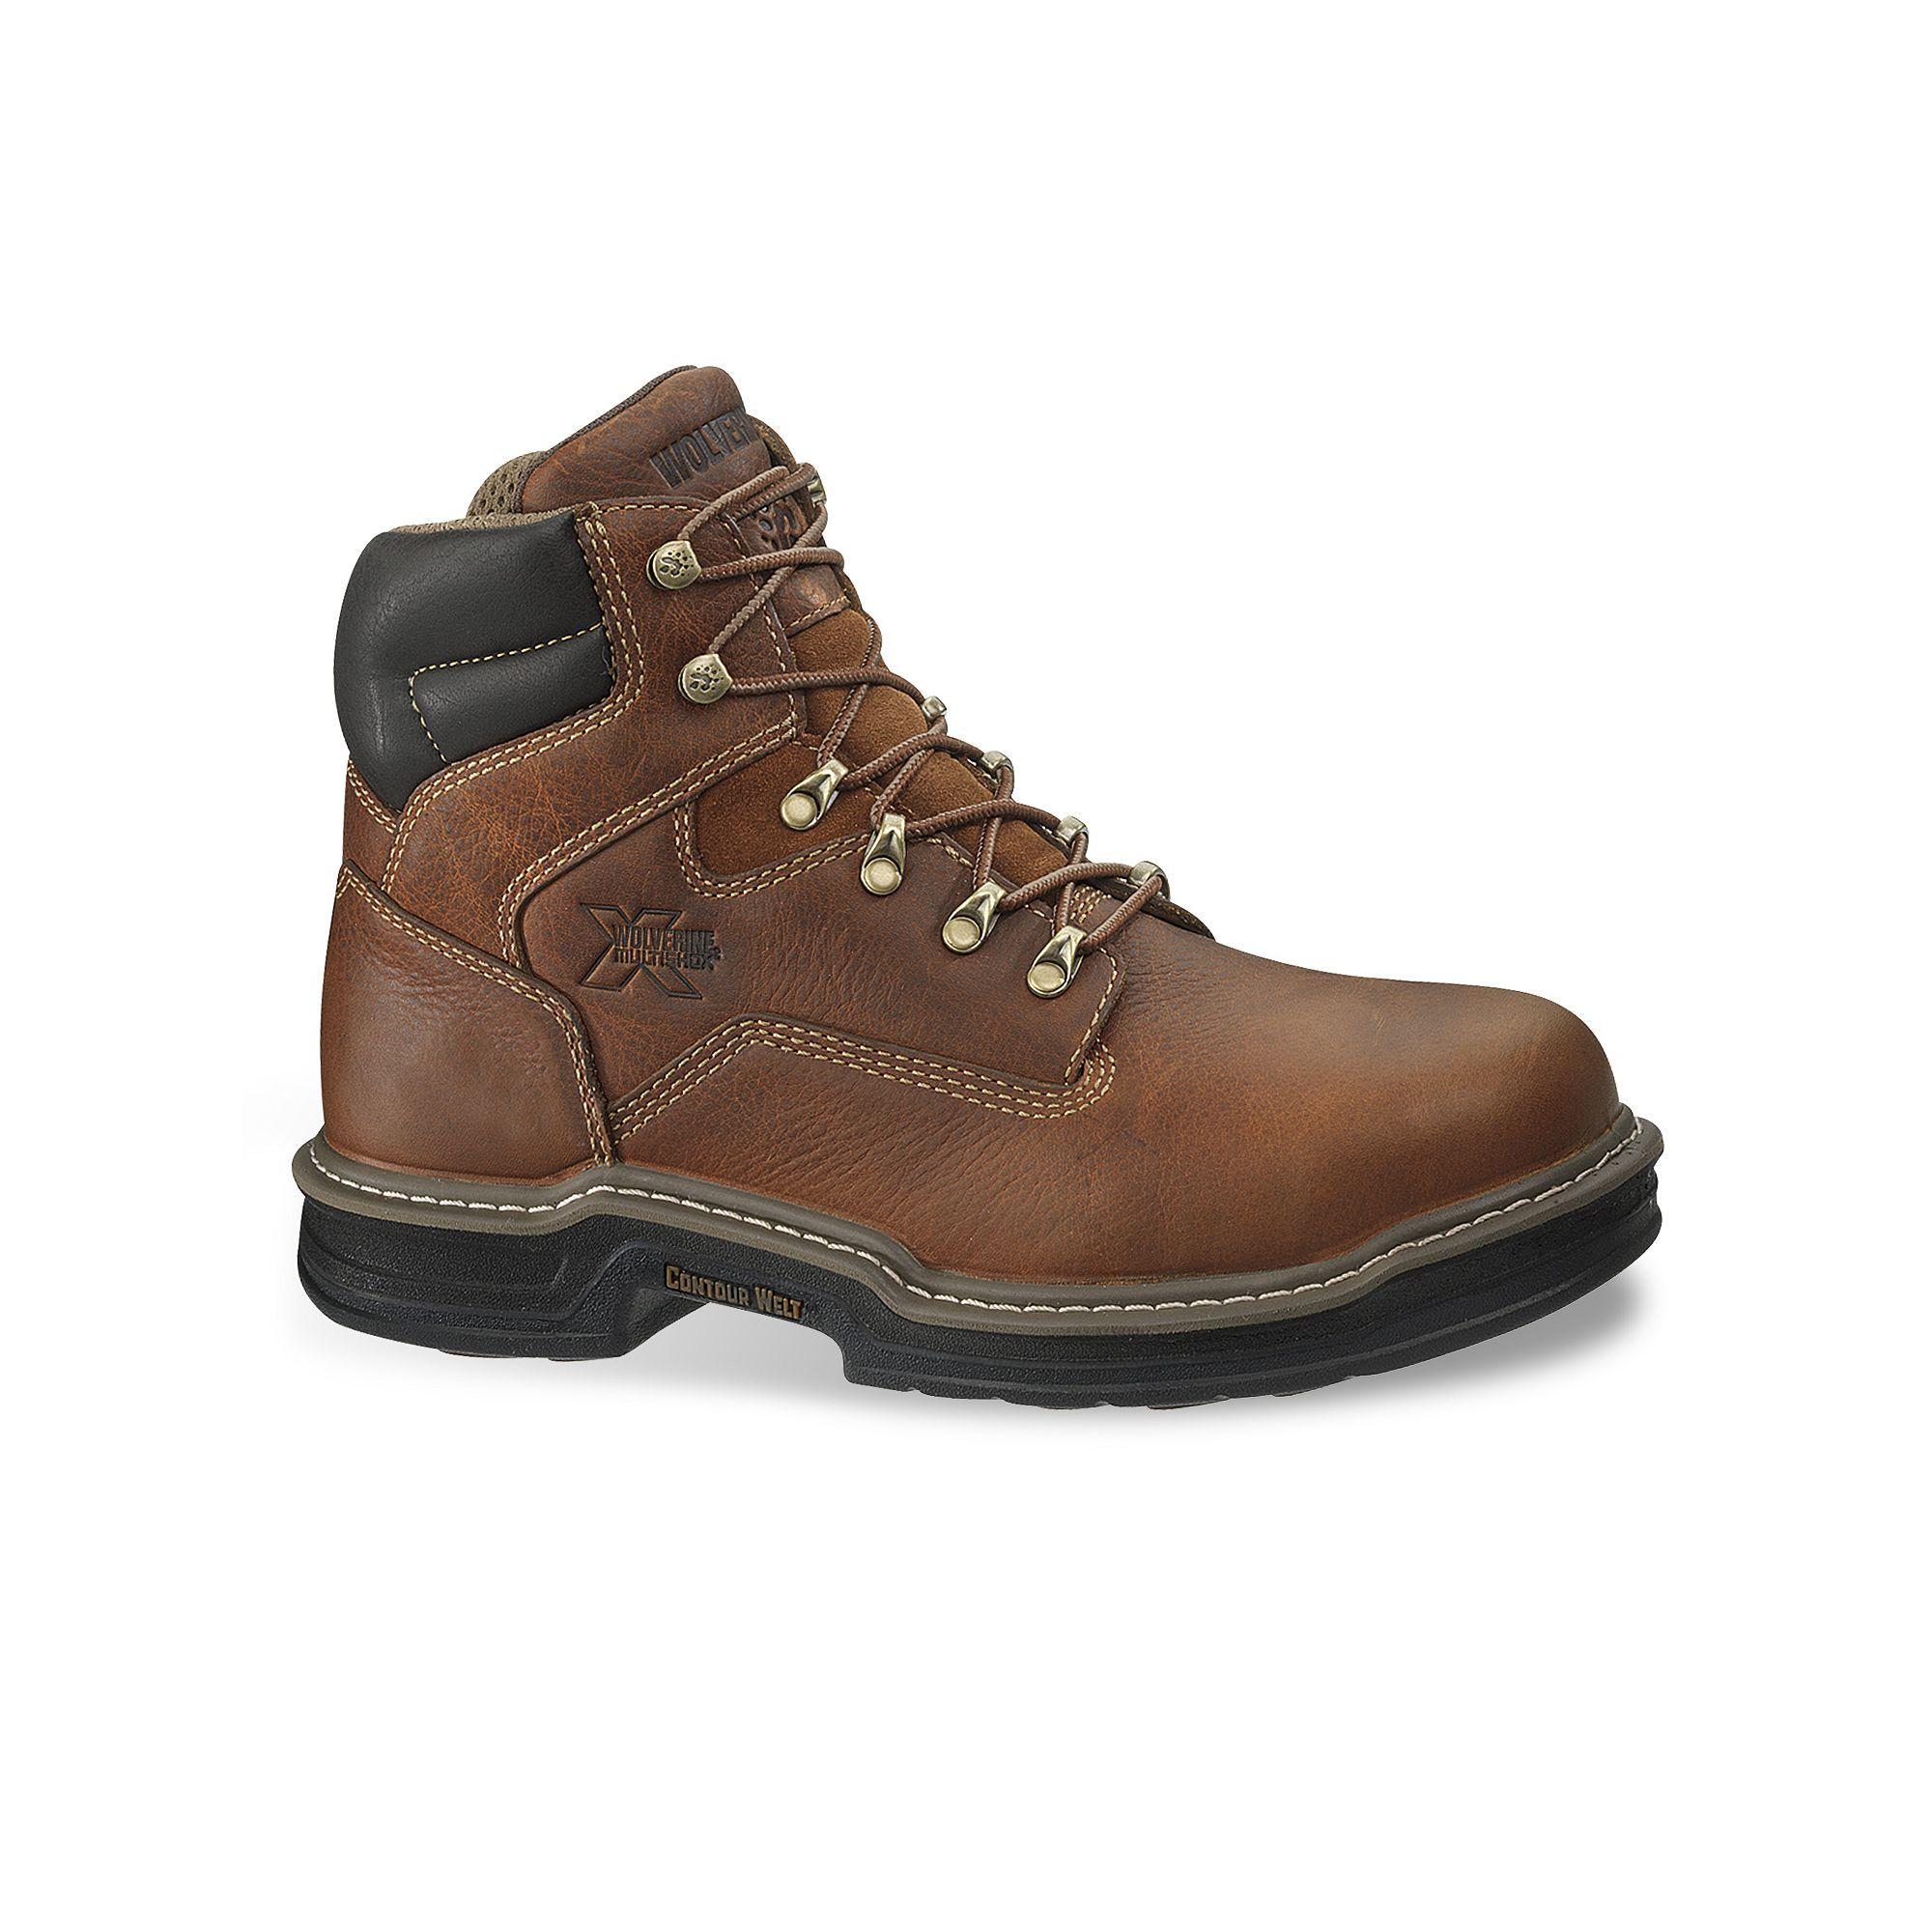 93a4eeef603 Wolverine Raider Men's Steel-Toe Work Boots, Size: Medium (9), Brown ...